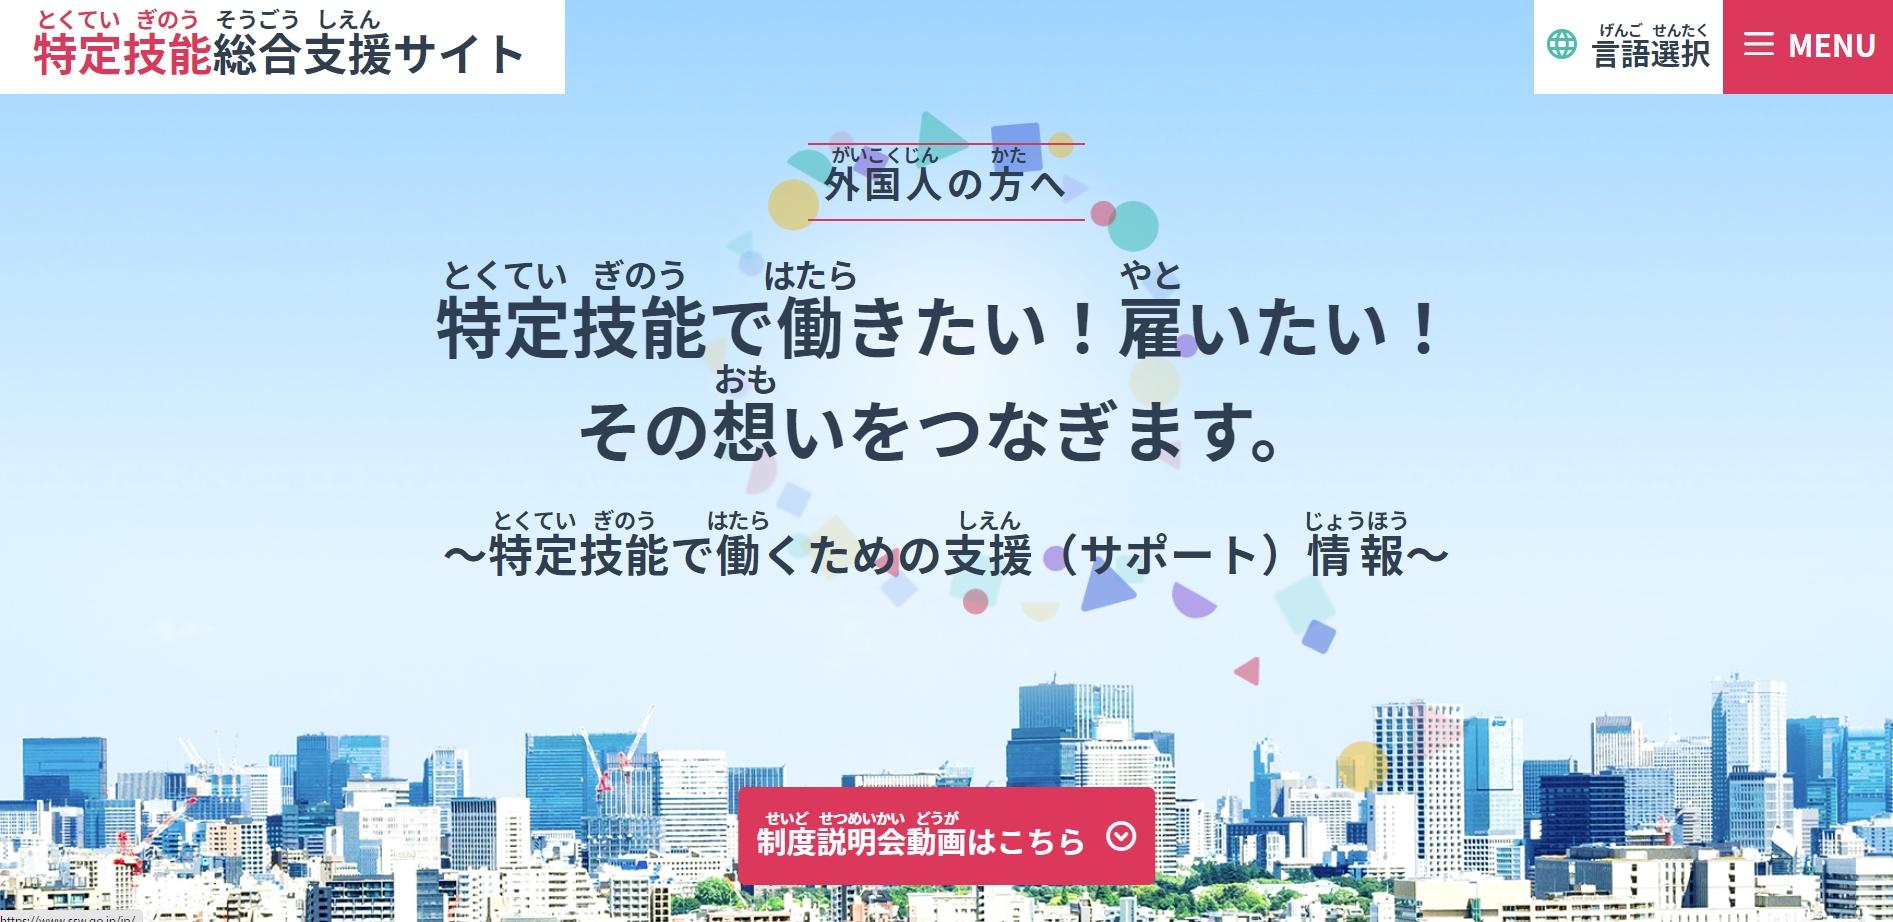 特定技能のお仕事動画(介護)